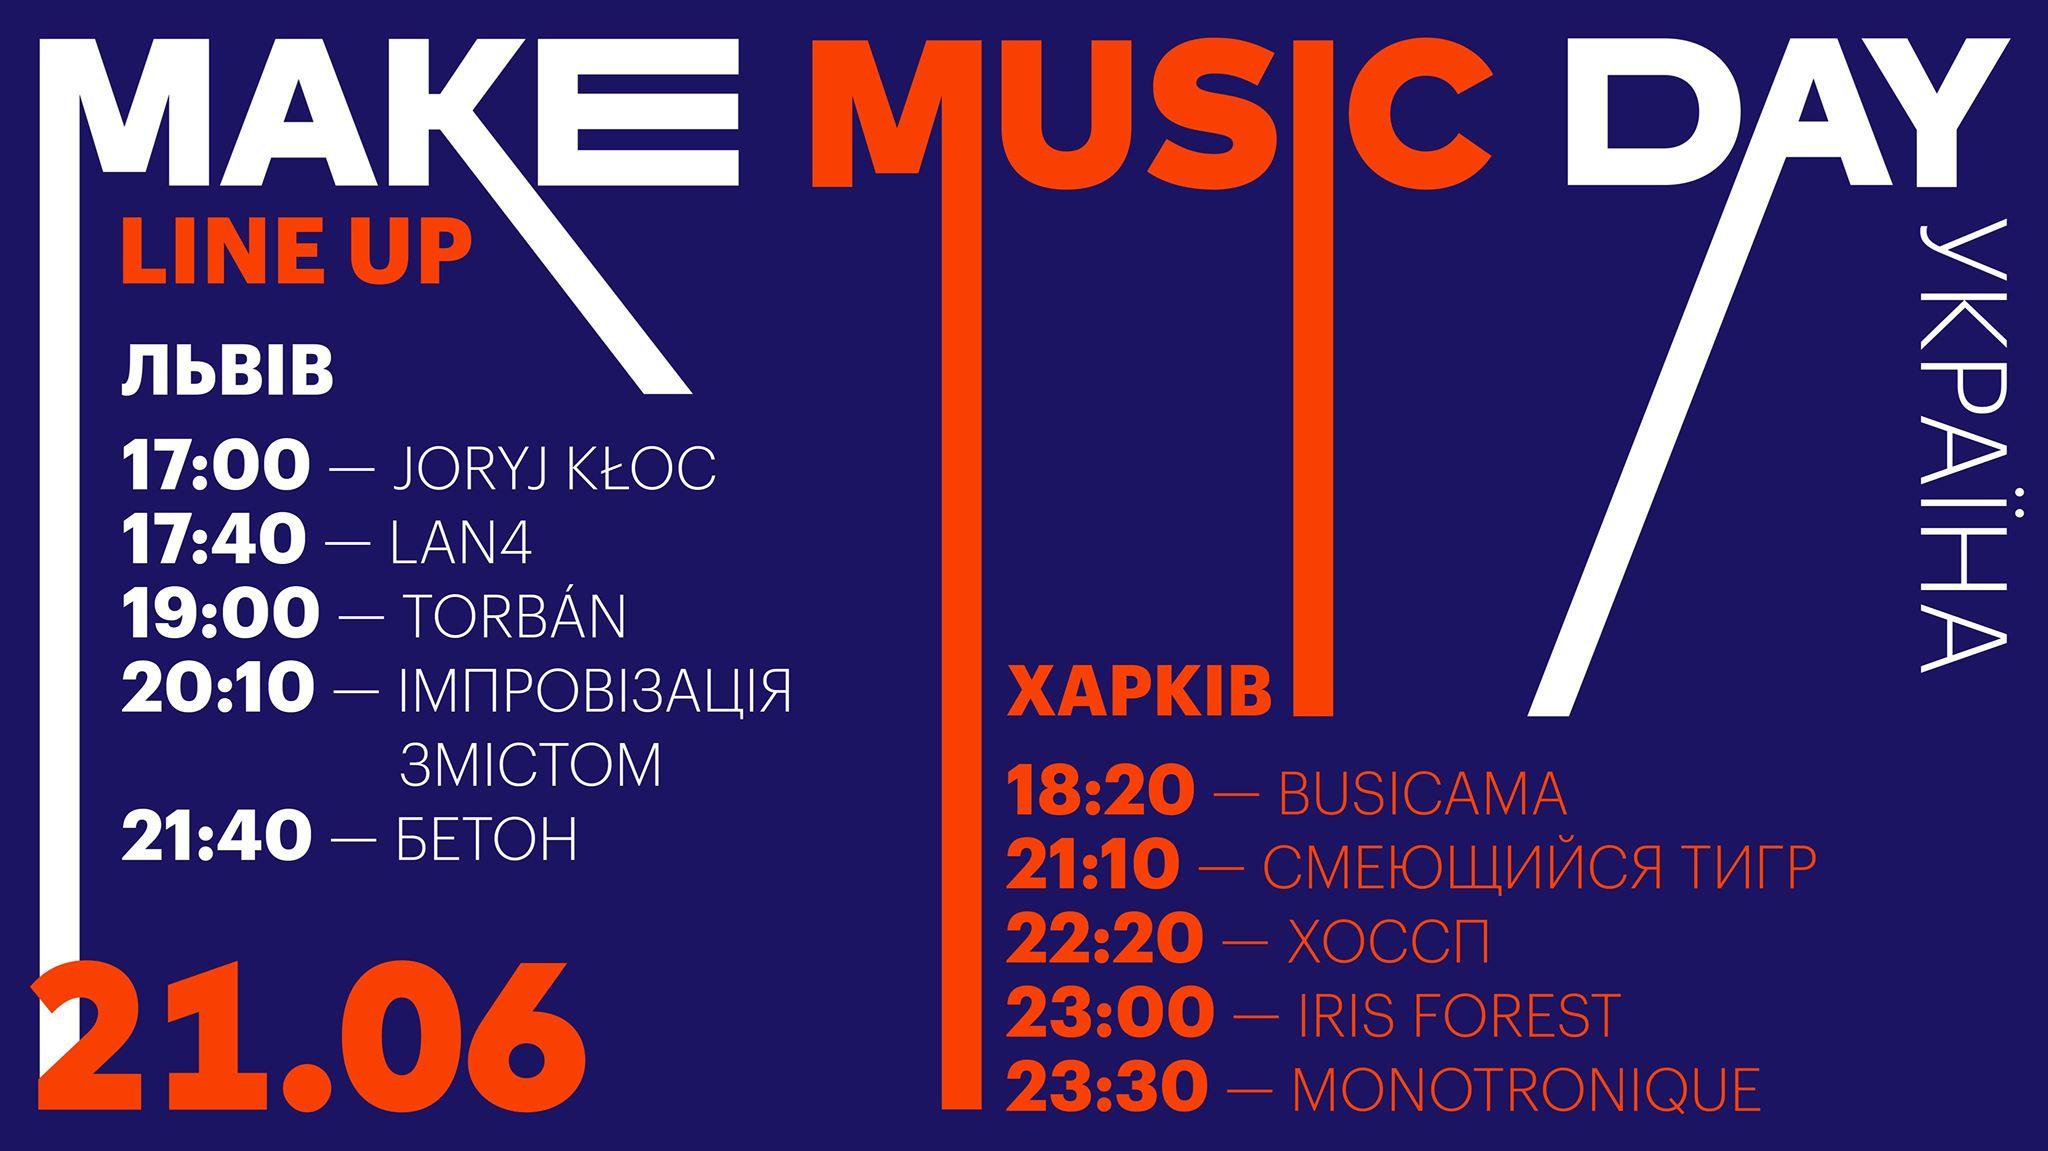 Львів та Харків влаштовують музичне свято Make Music Day Україна